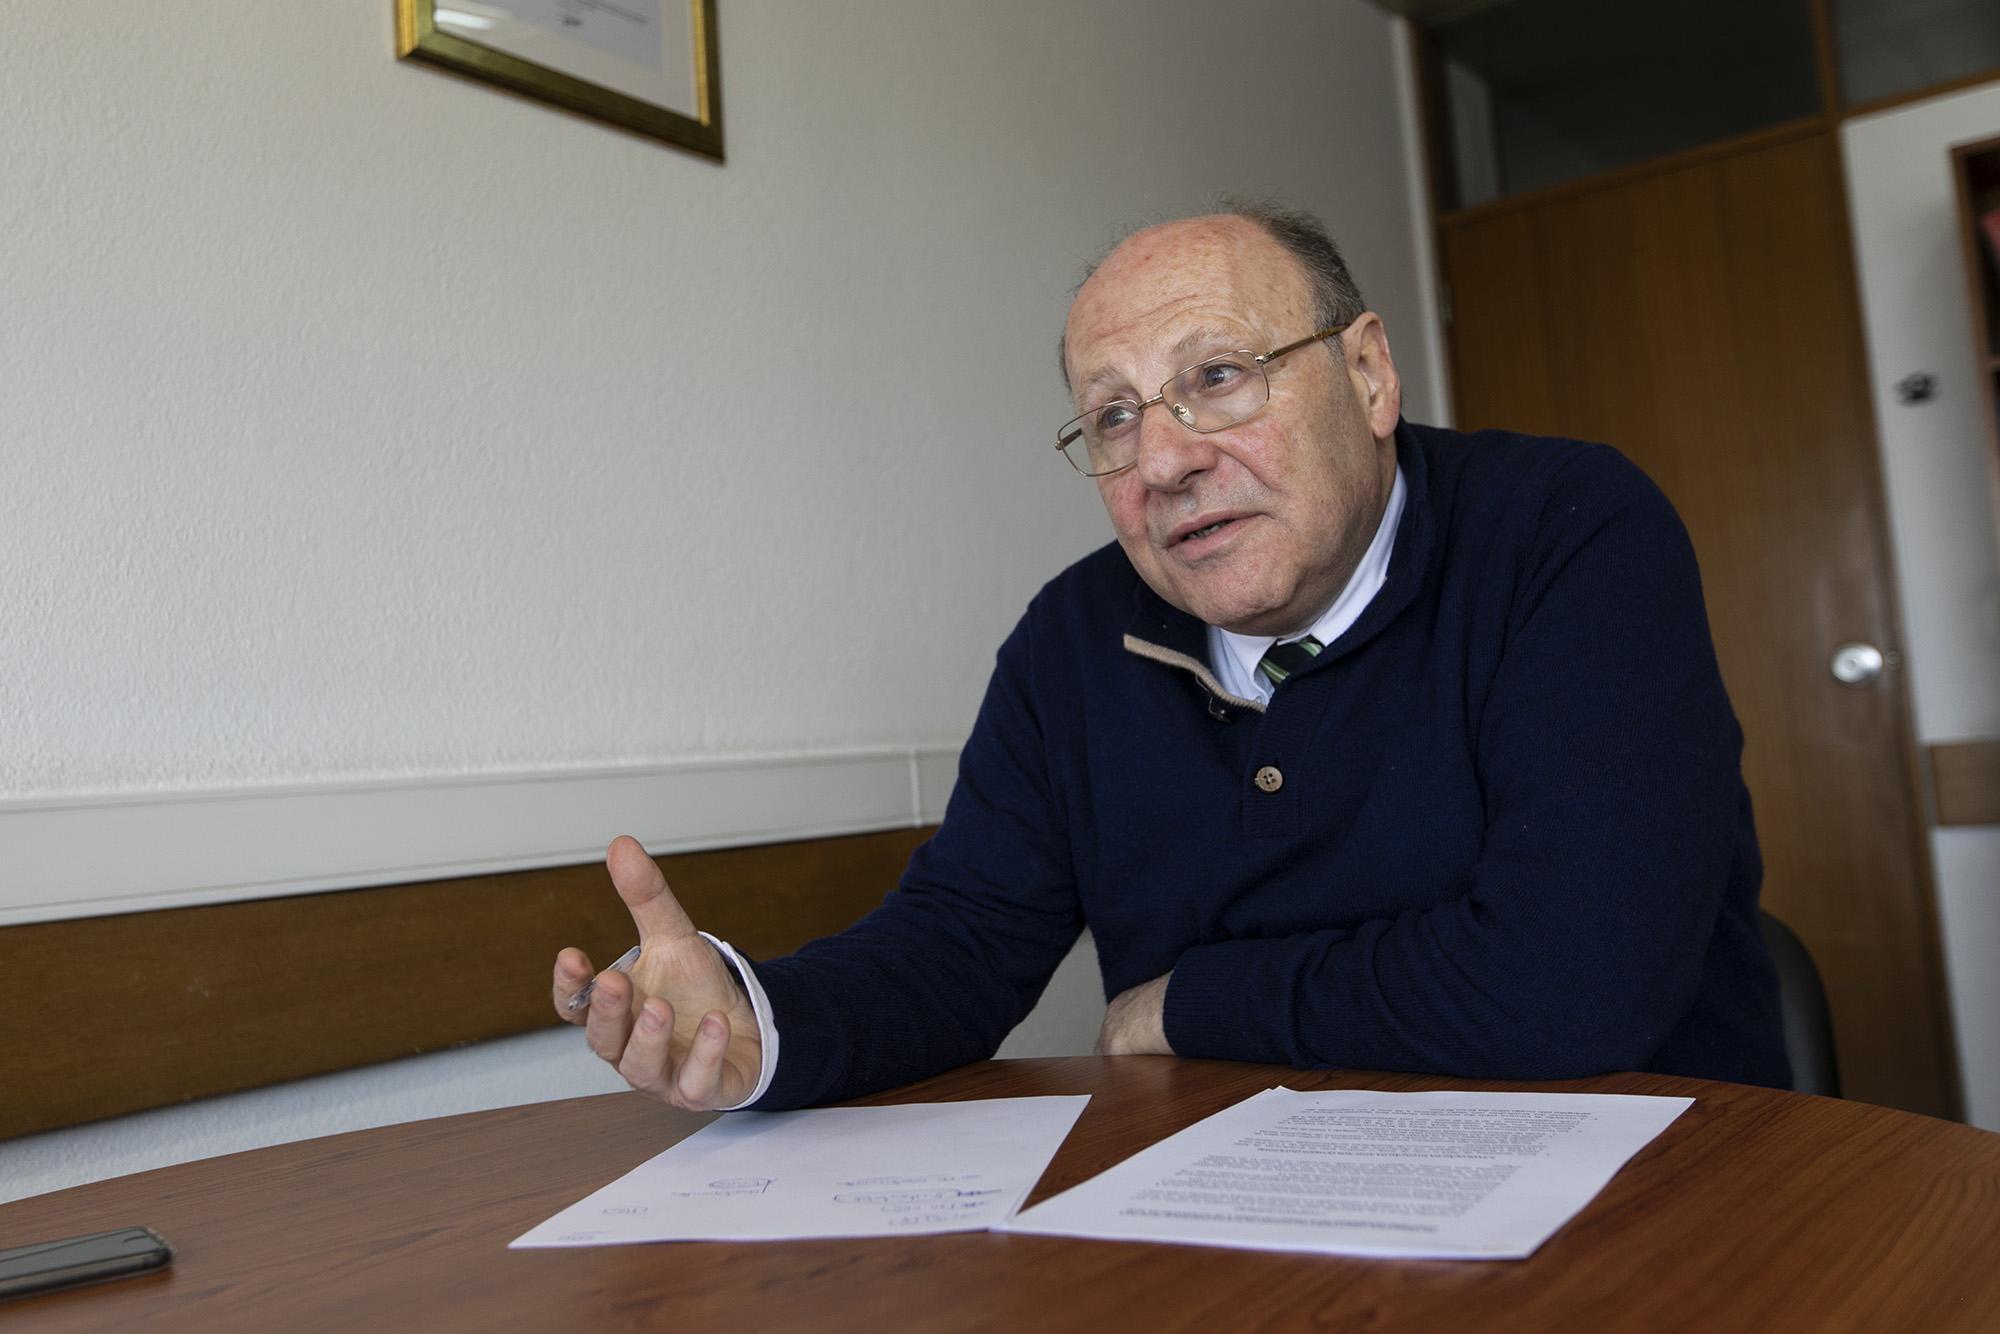 João Proença, presidente do Conselho Geral e de Supervisão da ADSE, em entrevista ao ECO - 09ABR19